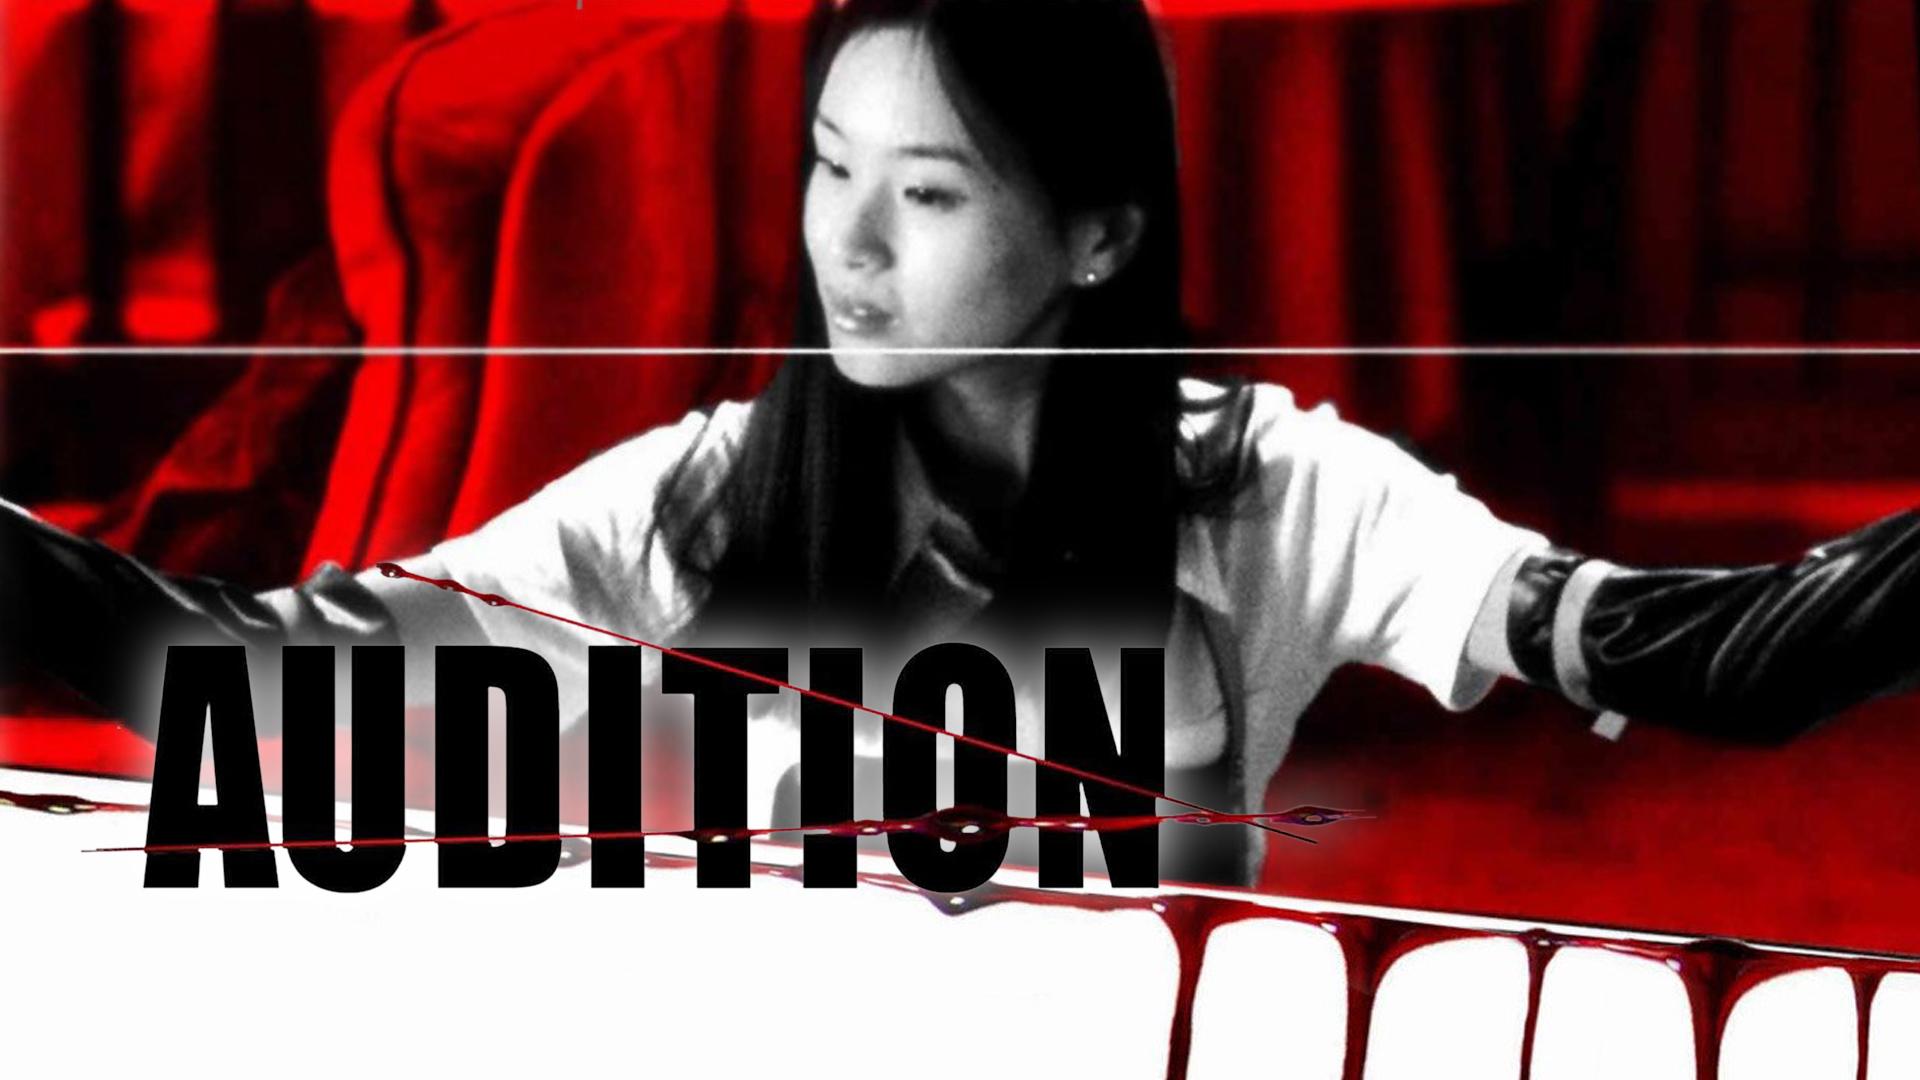 Audition (English Subtitled)